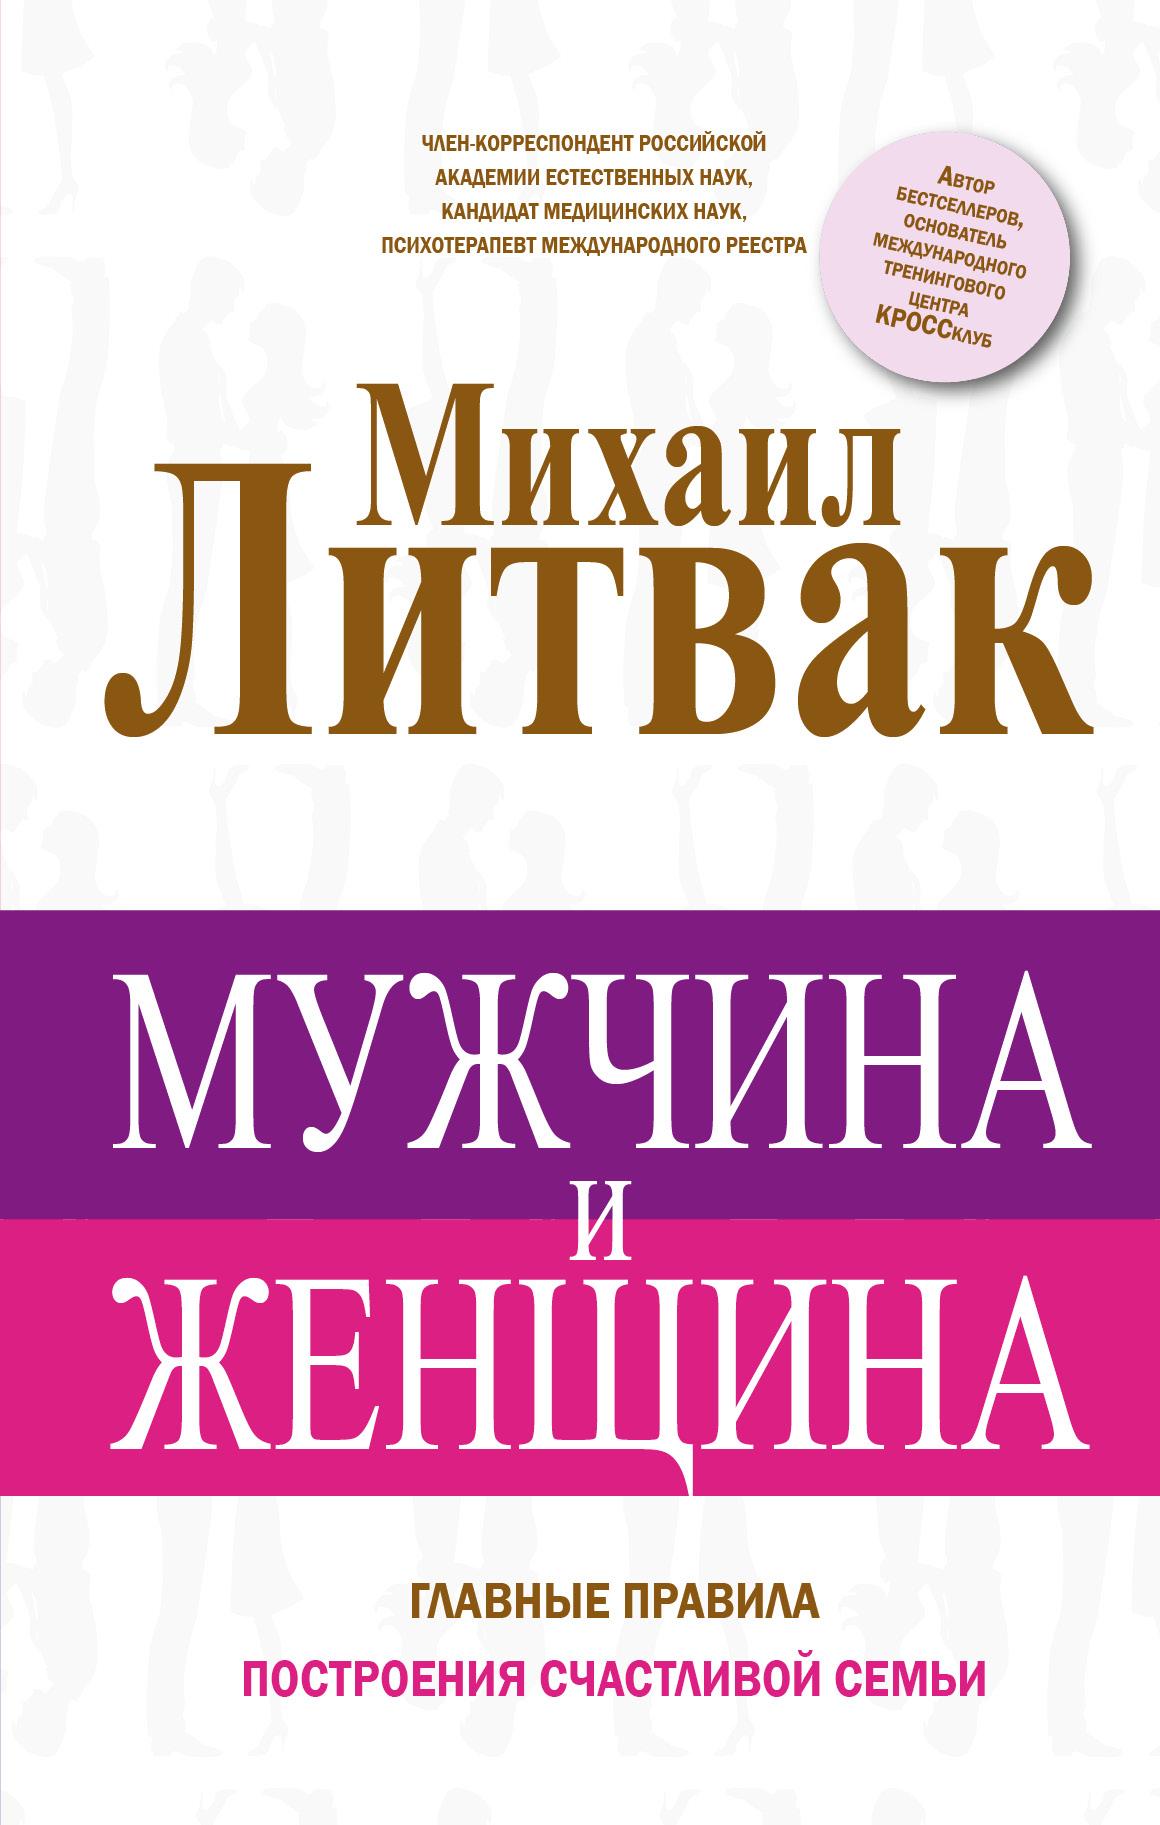 Михаил Литвак «Мужчина иженщина»